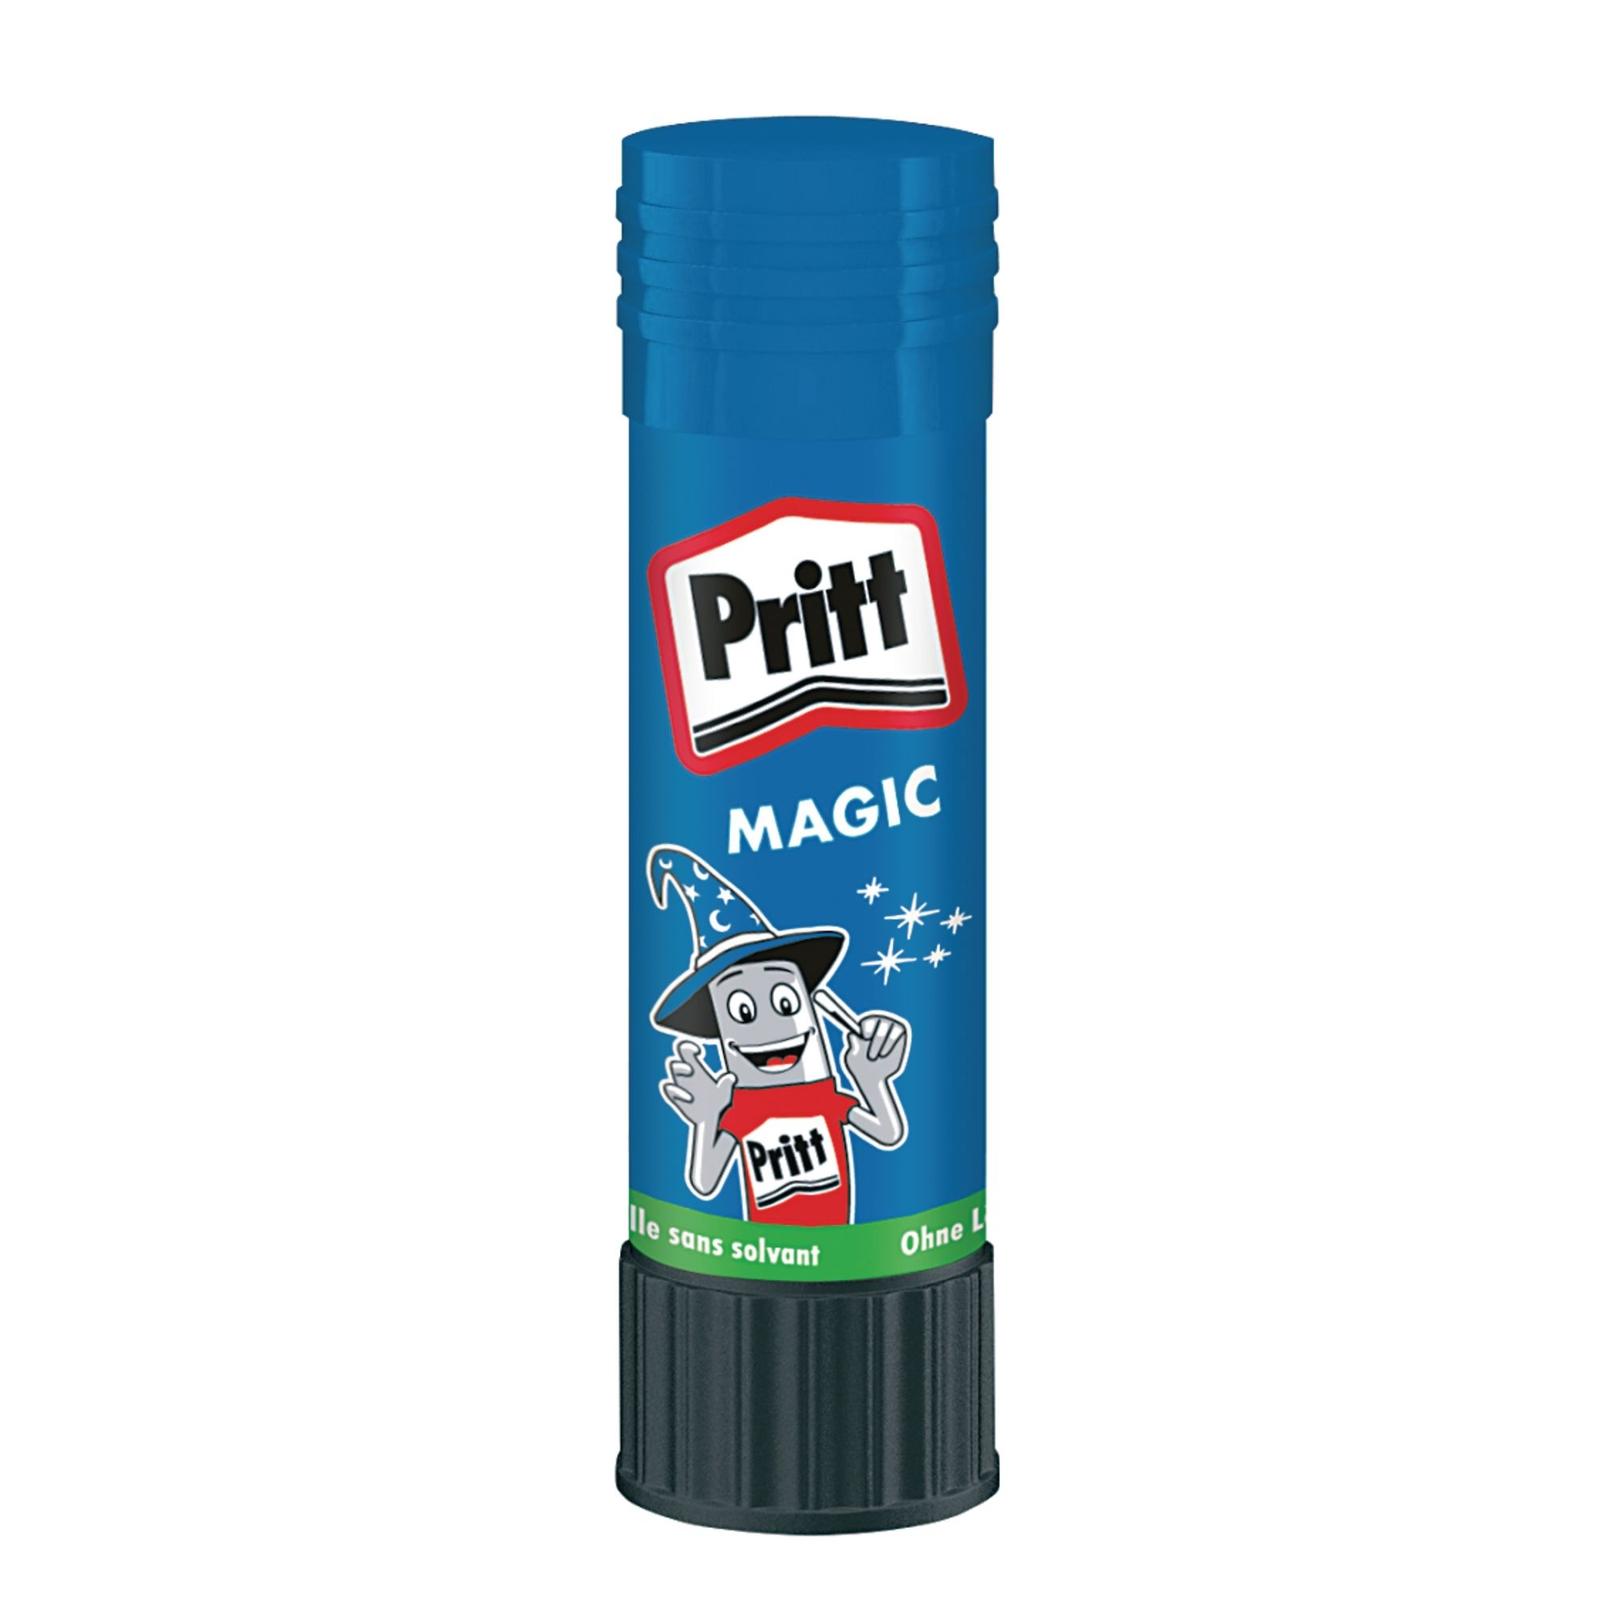 Pritt Magic